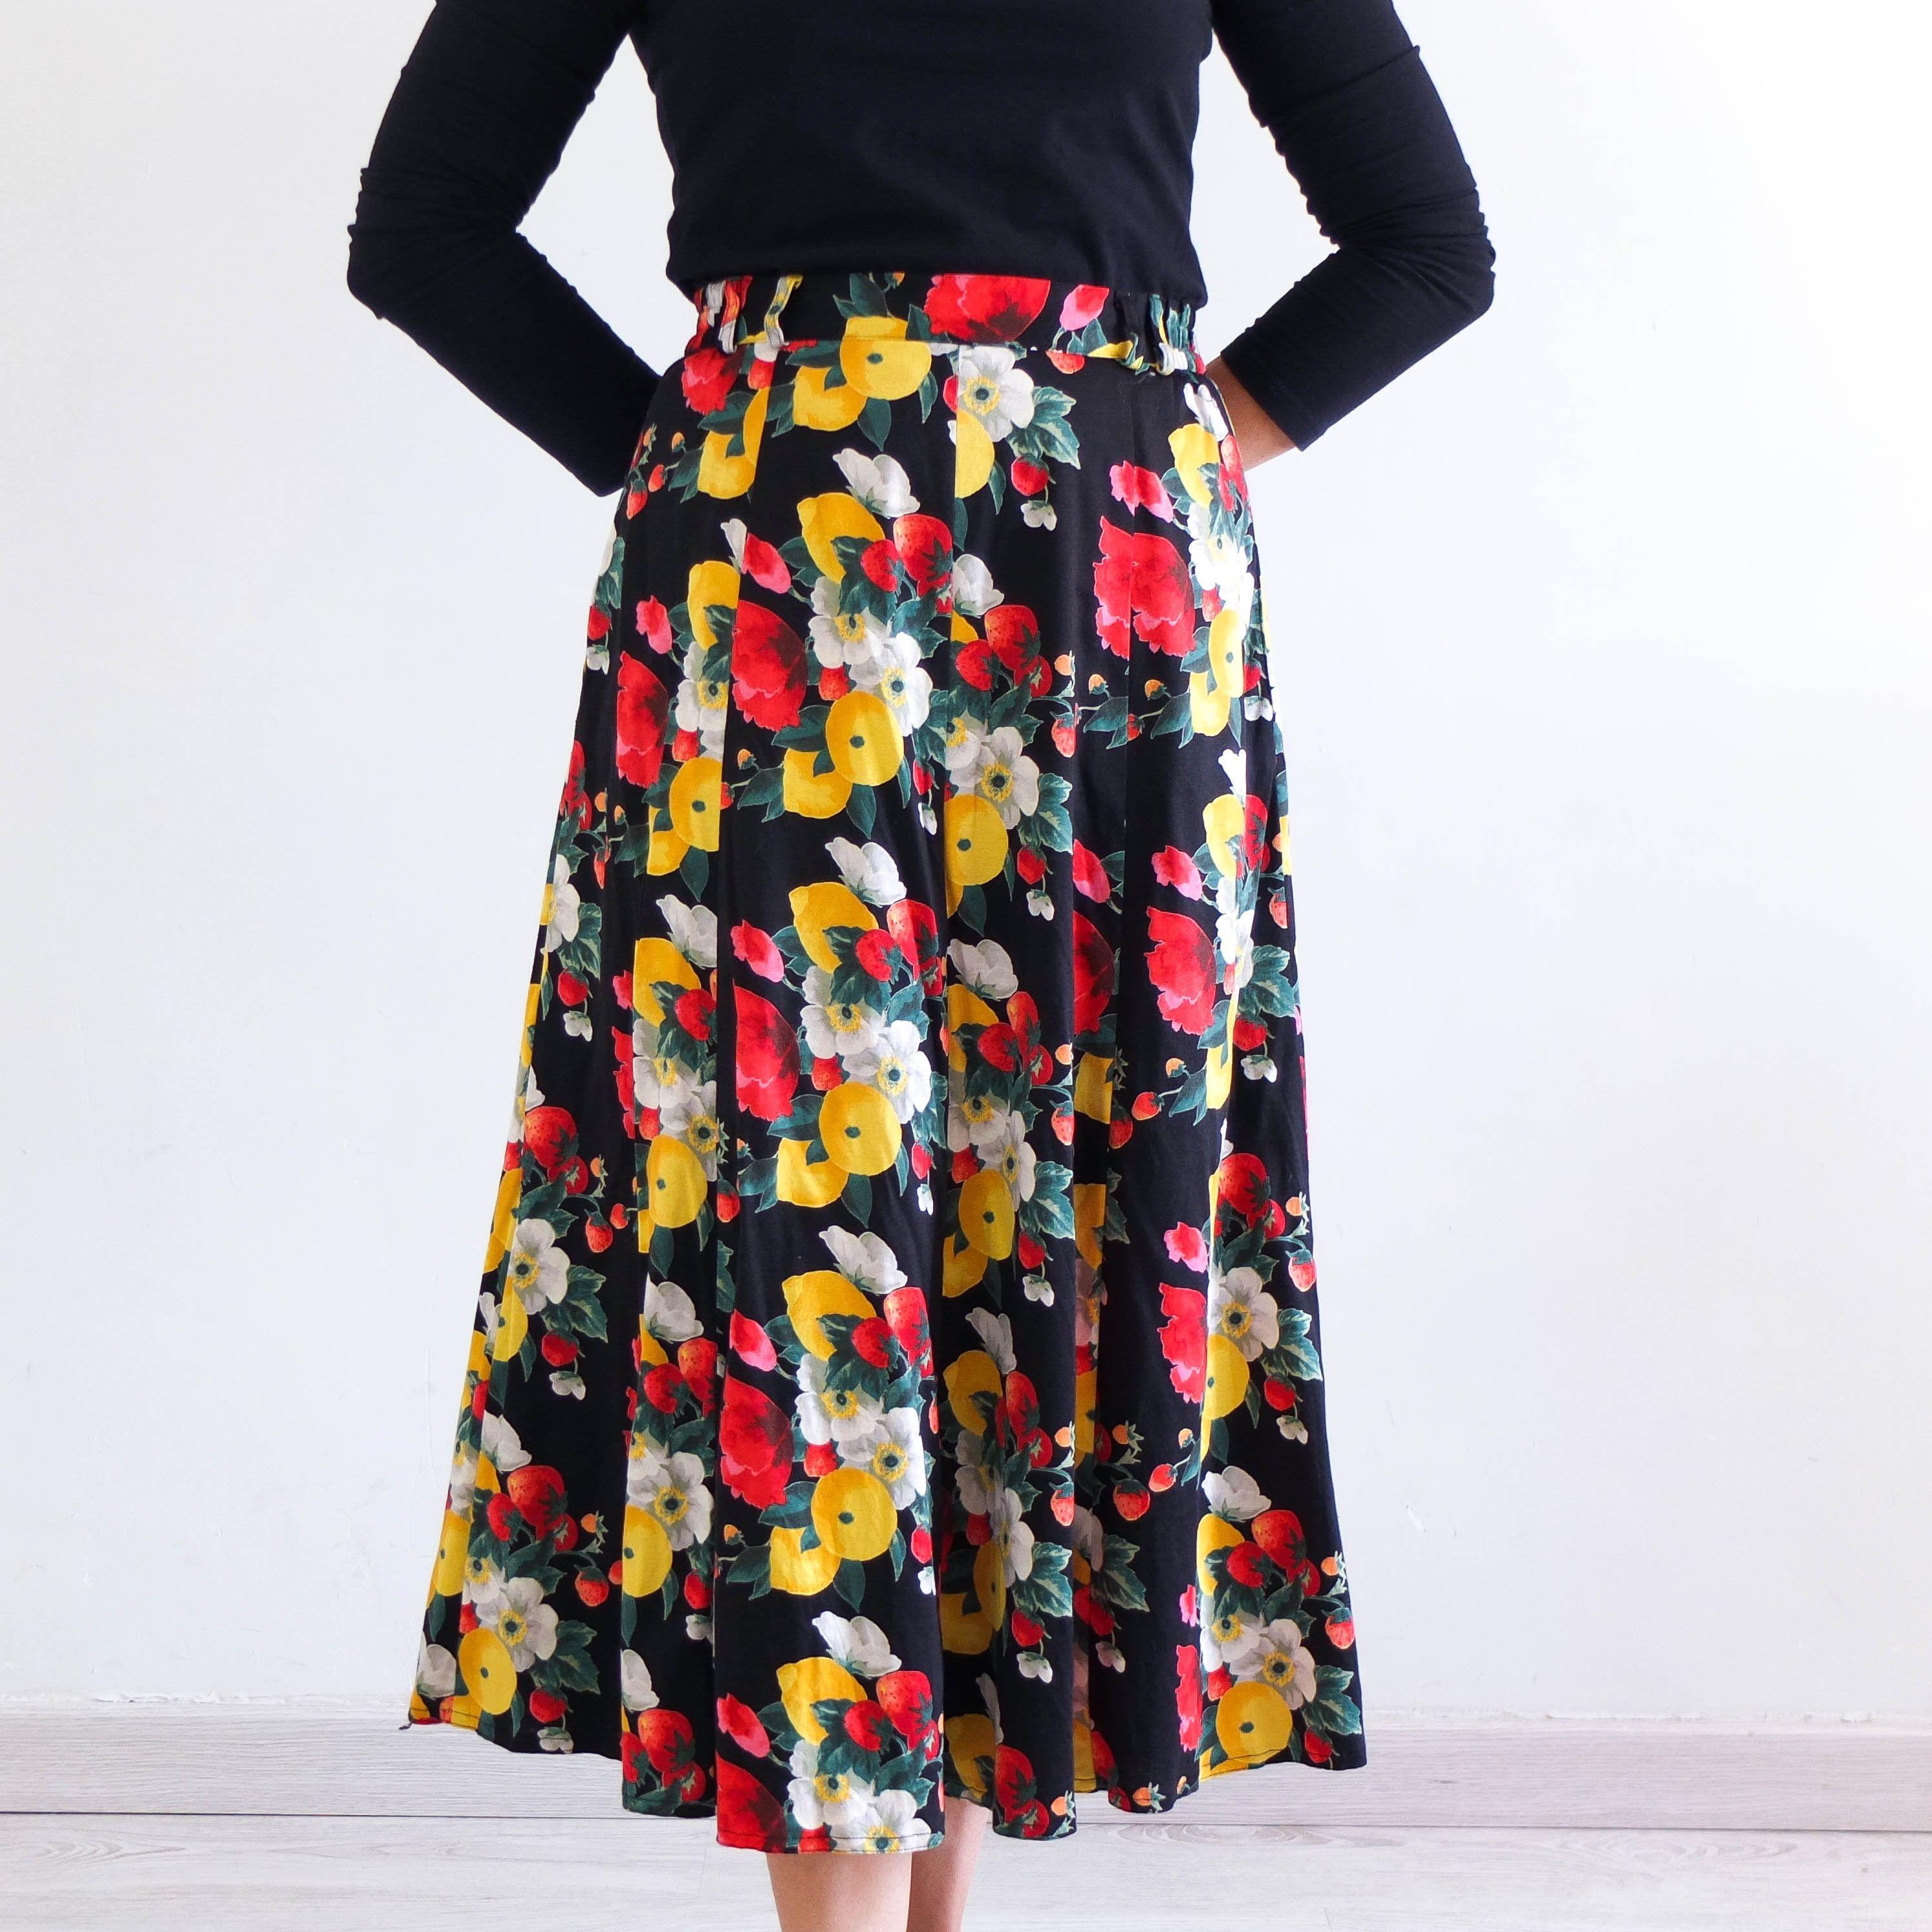 Vintage 90s Grunge Highwaisted Midi Skirt in Rose Print